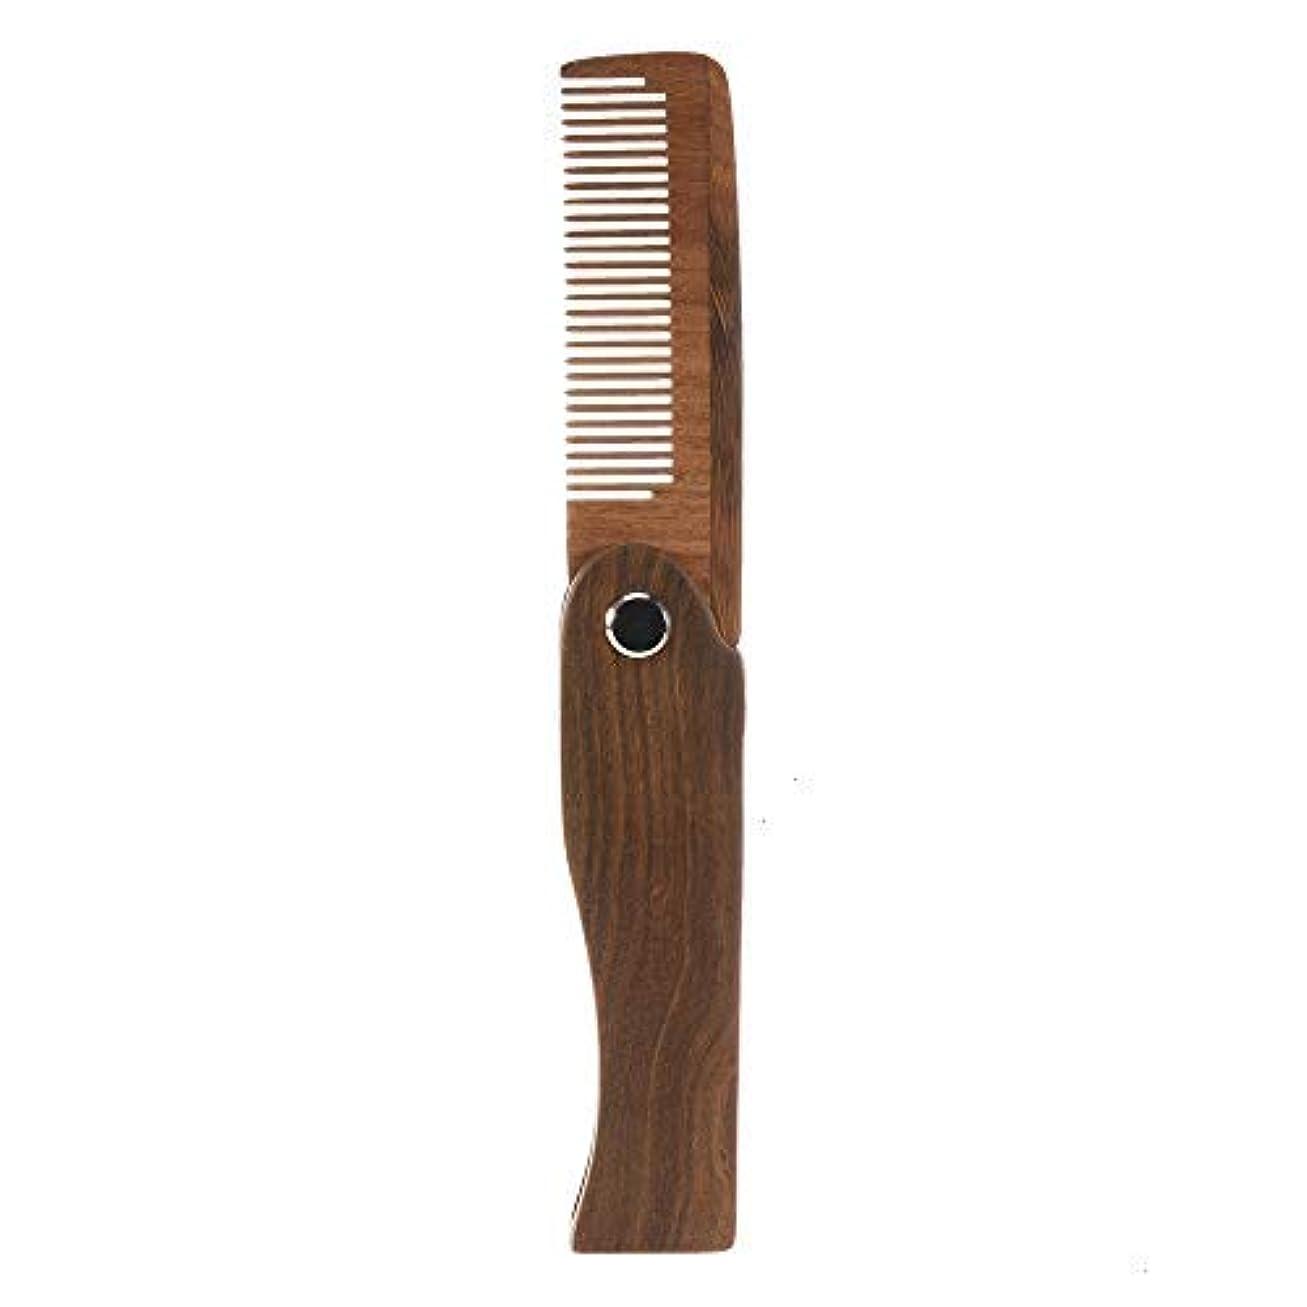 チャータースリラー入浴Feeko Folding Wooden Comb, 1 PC Pocket Size Hair Beard Fold Wooden Comb Durable Anti-Static Sandalwood Comb Every...